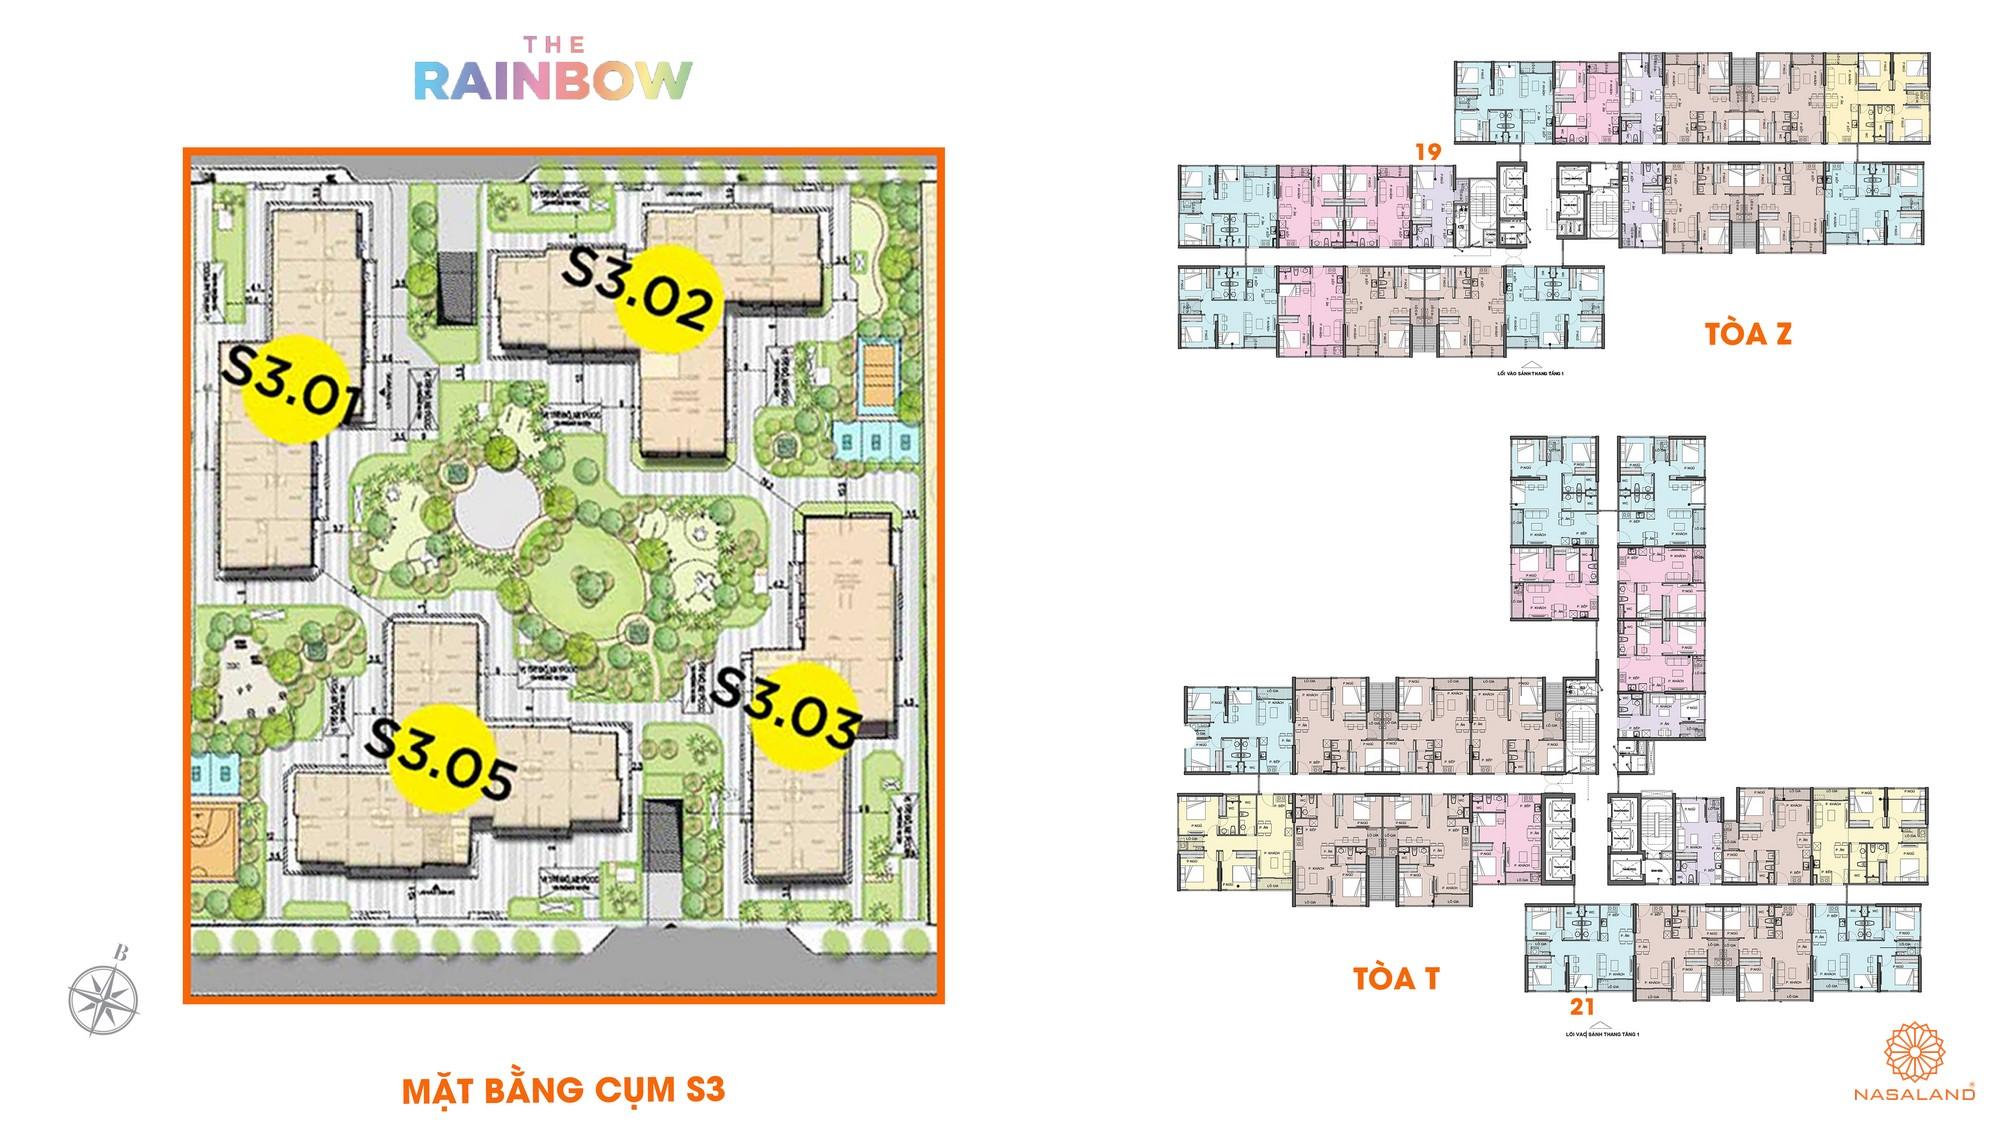 Mặt bằng cụm S3 dự án căn hộ chung cư The Rainbow Vinhomes Grand Park Quận 9